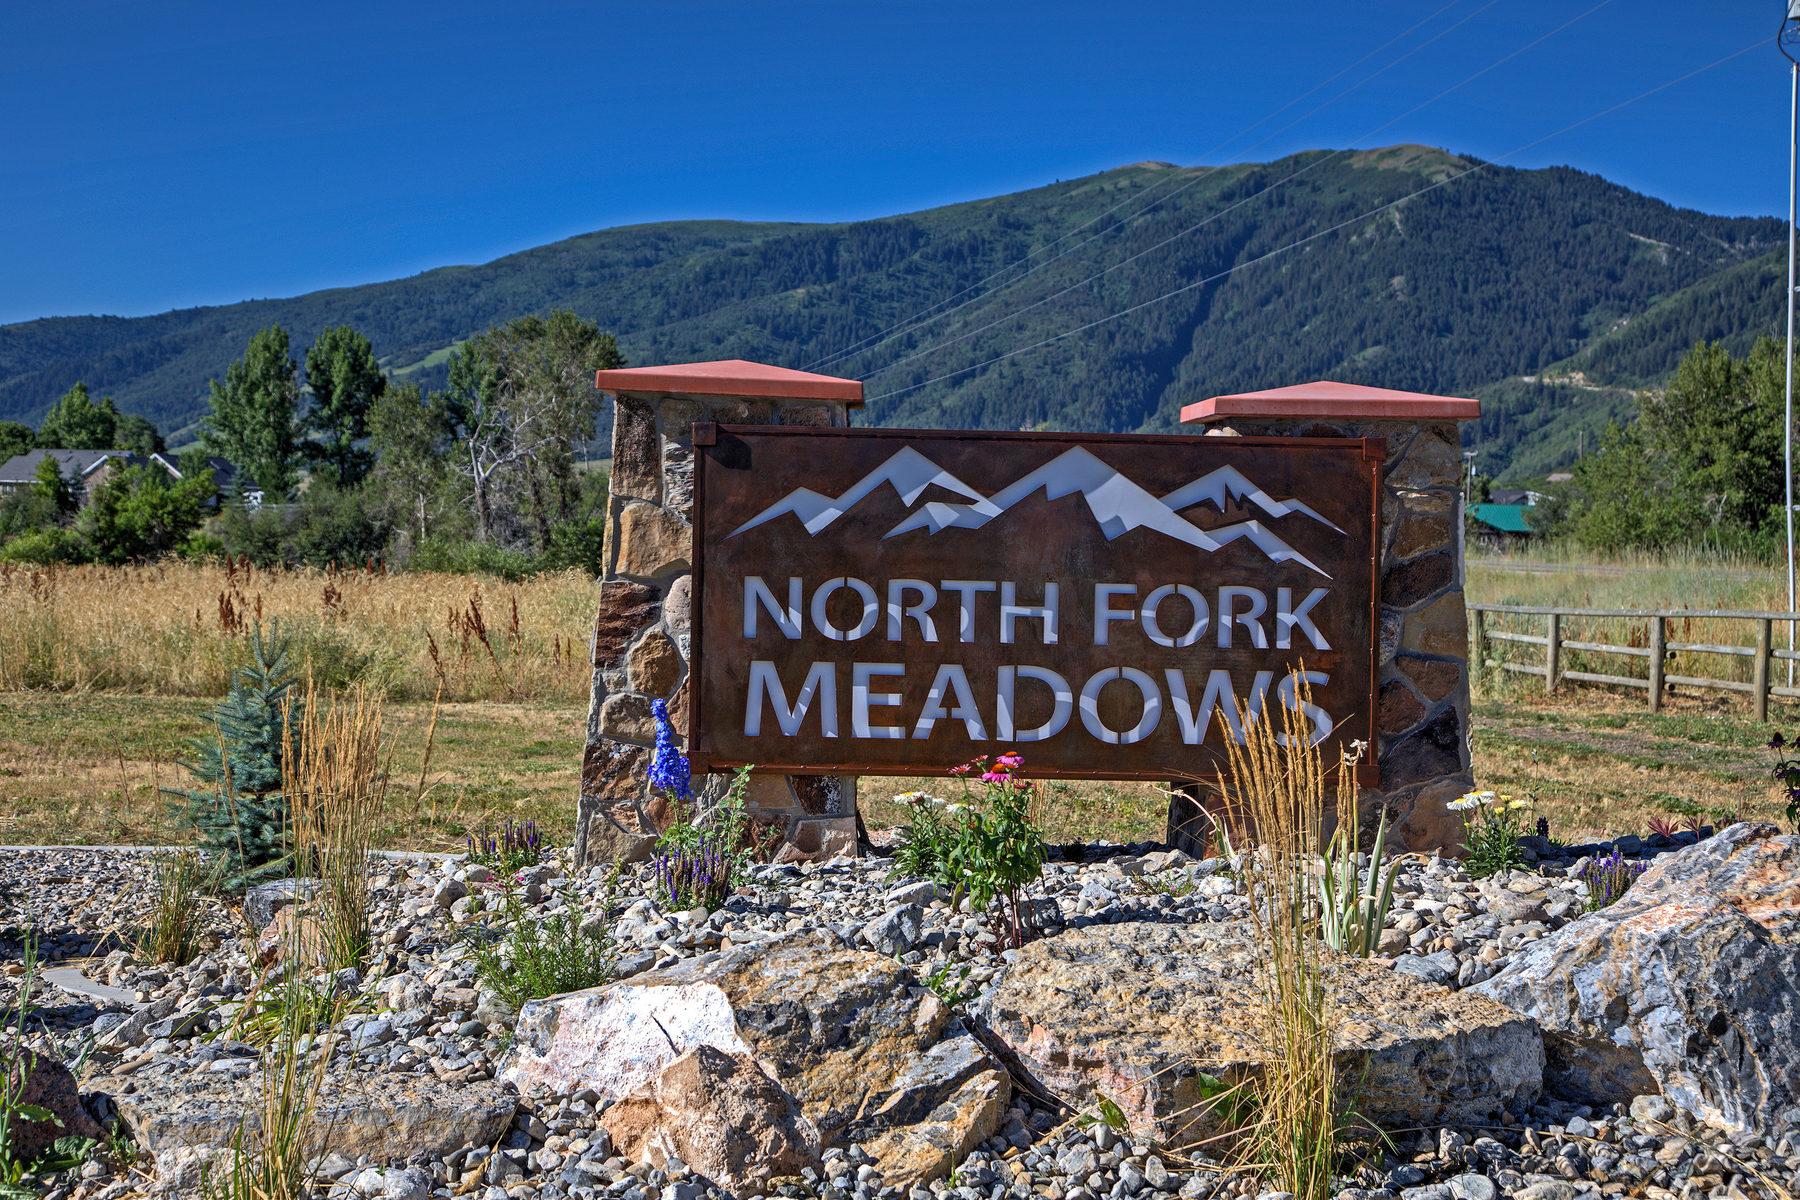 Terreno por un Venta en Build Your Dream Home in Eden Utah 3248 East 5225 North Lot 5 Eden, Utah, 84310 Estados Unidos